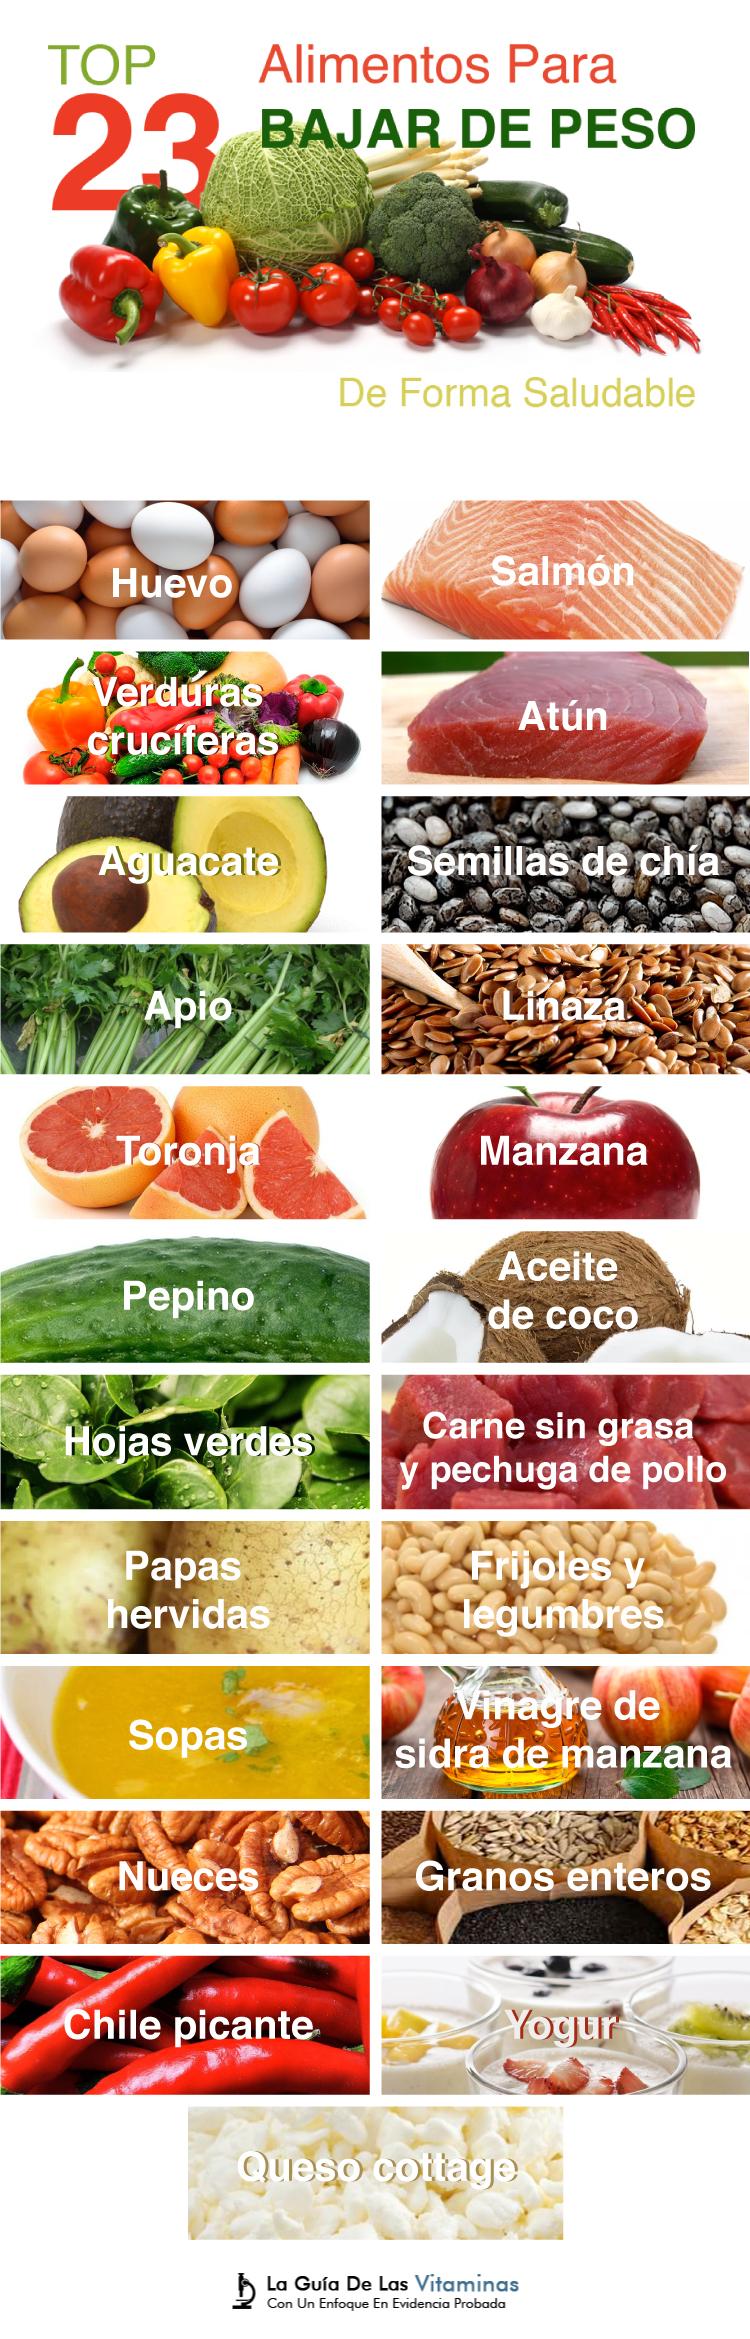 Lista de alimentos permitidos para bajar de peso